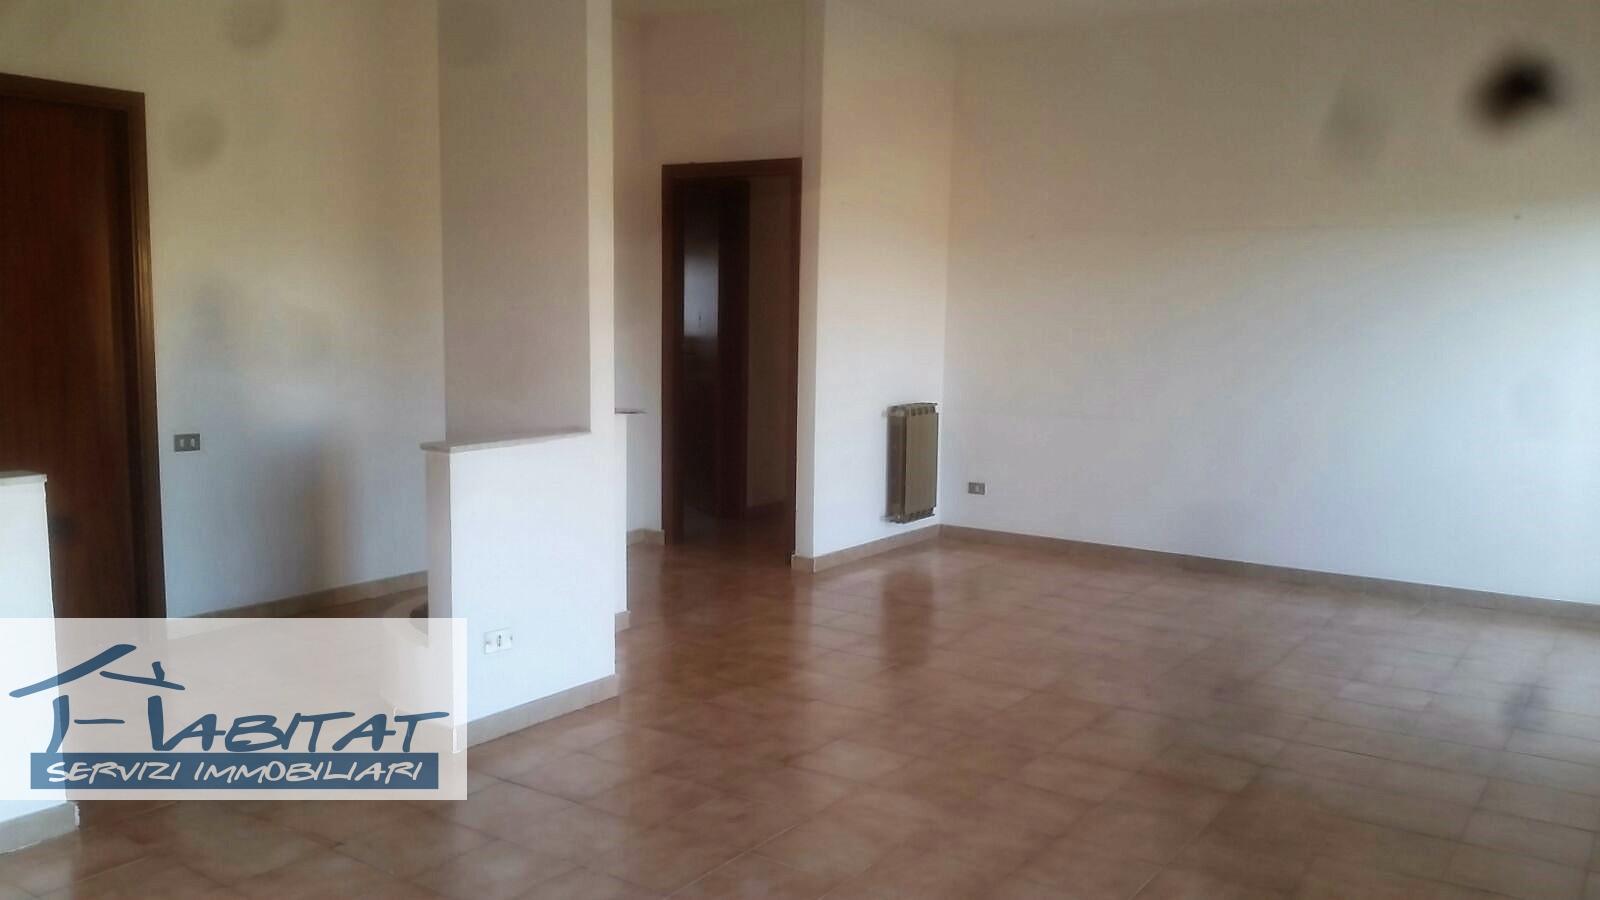 Appartamento in vendita a Agrigento, 5 locali, zona Zona: Fontanelle, prezzo € 79.000 | CambioCasa.it